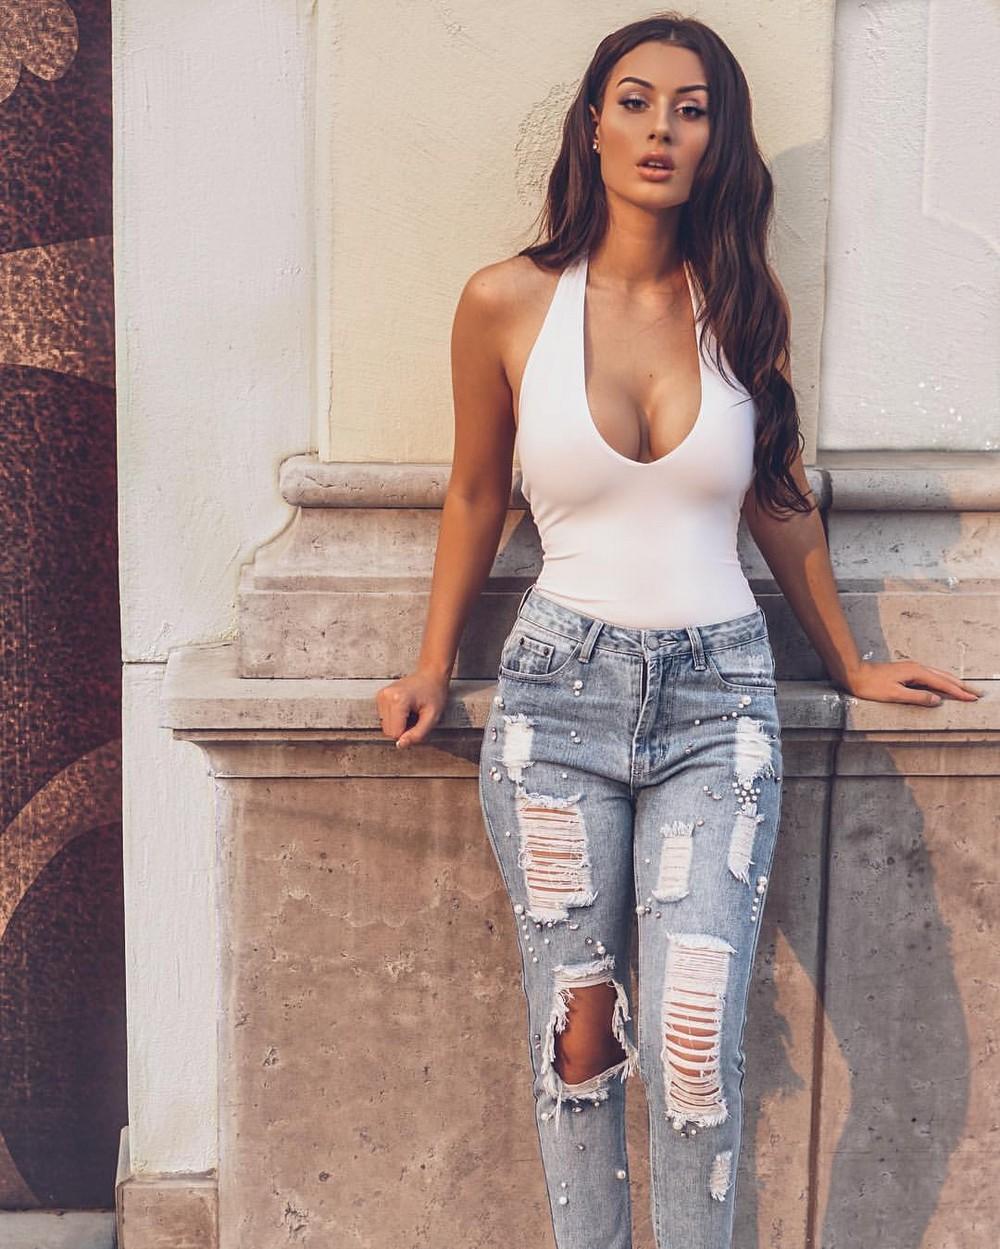 Красивые девушки в обтягивающих джинсах картинки, девушки, красотки